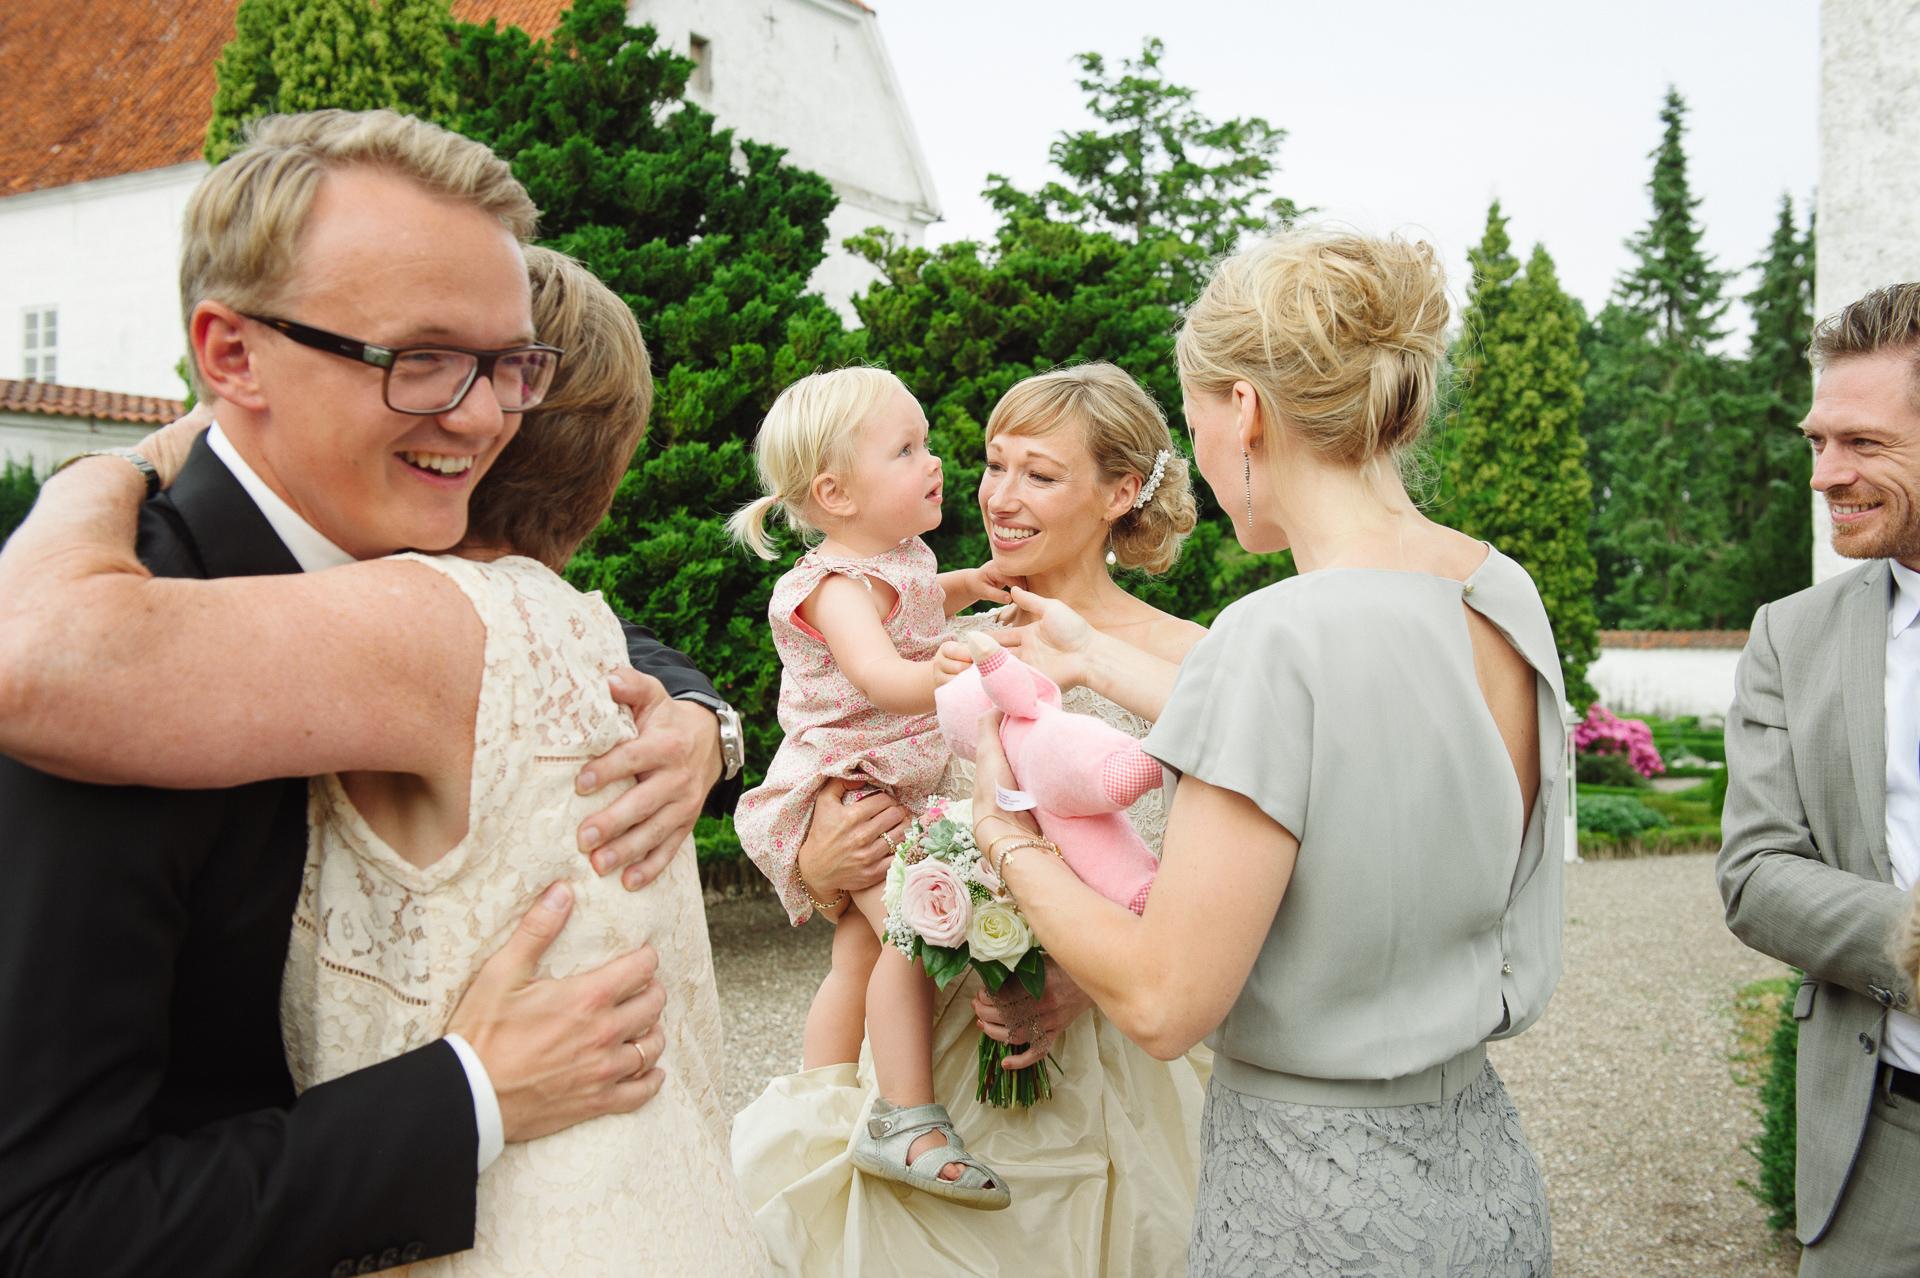 bryllup-wedding-jomfruens-egede-AK-Christian_30